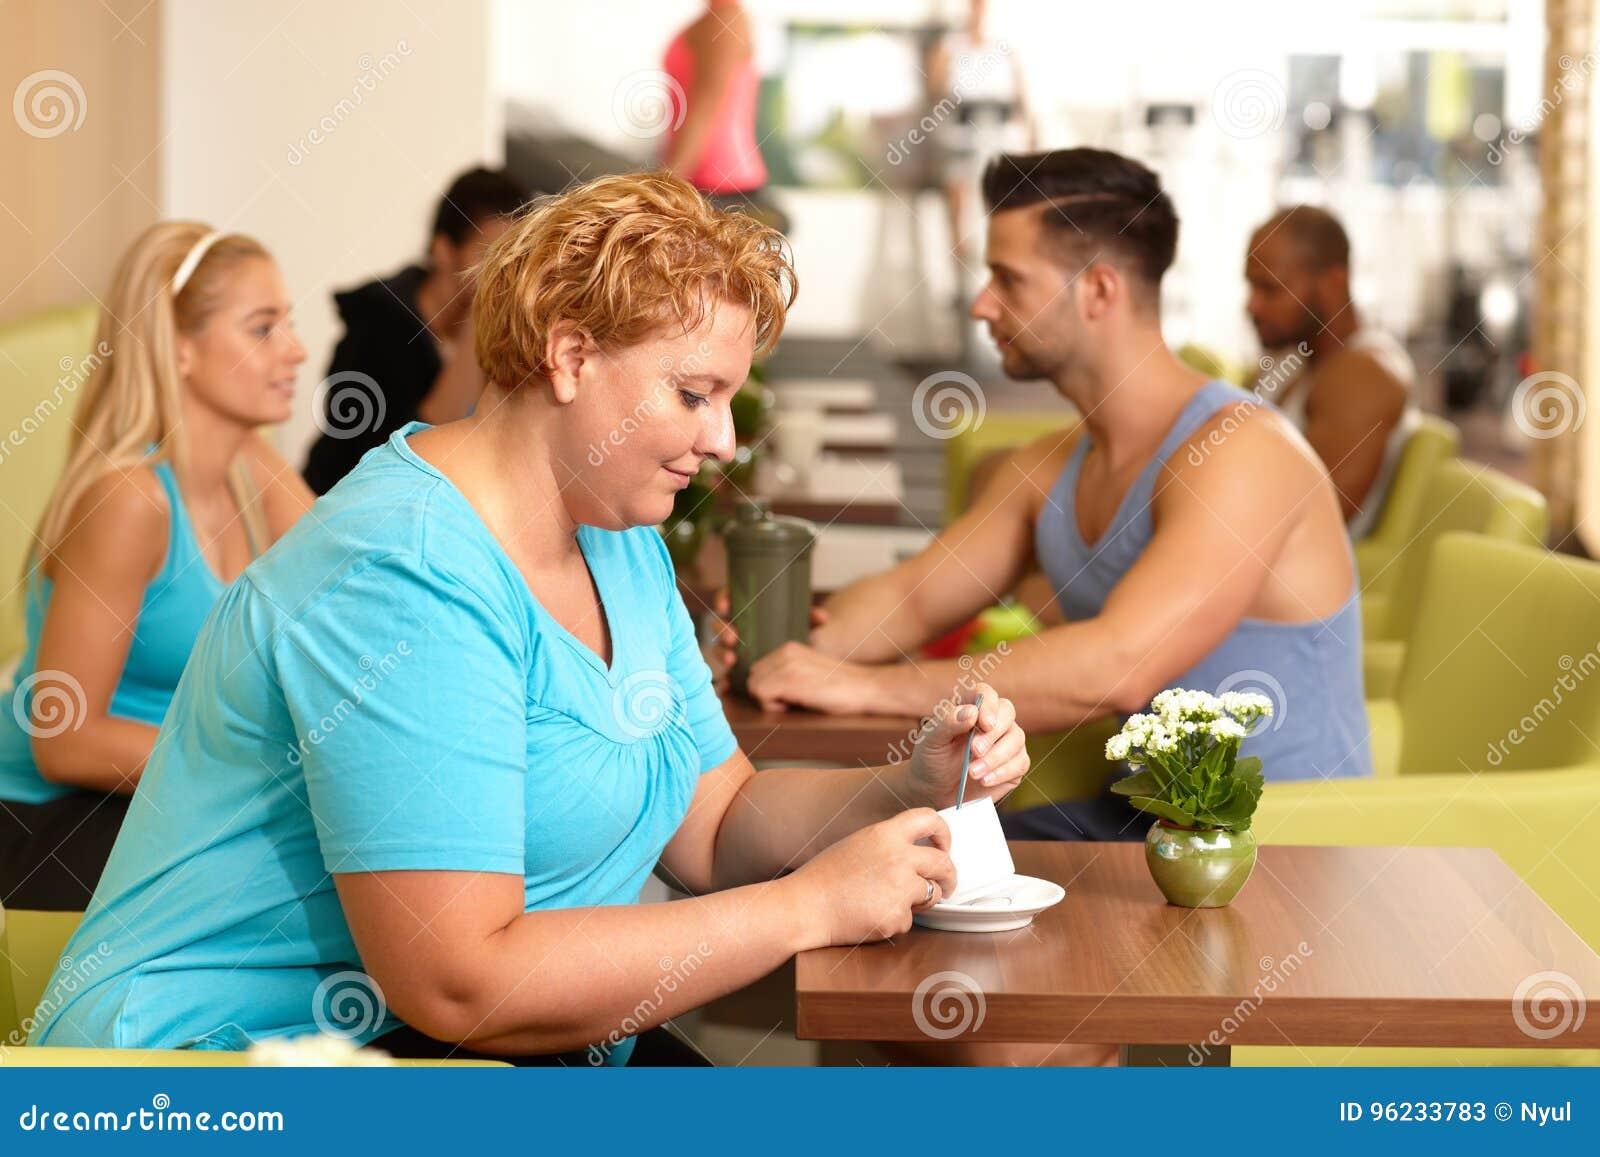 Fette Frau, die Kaffee in der Turnhalle trinkt